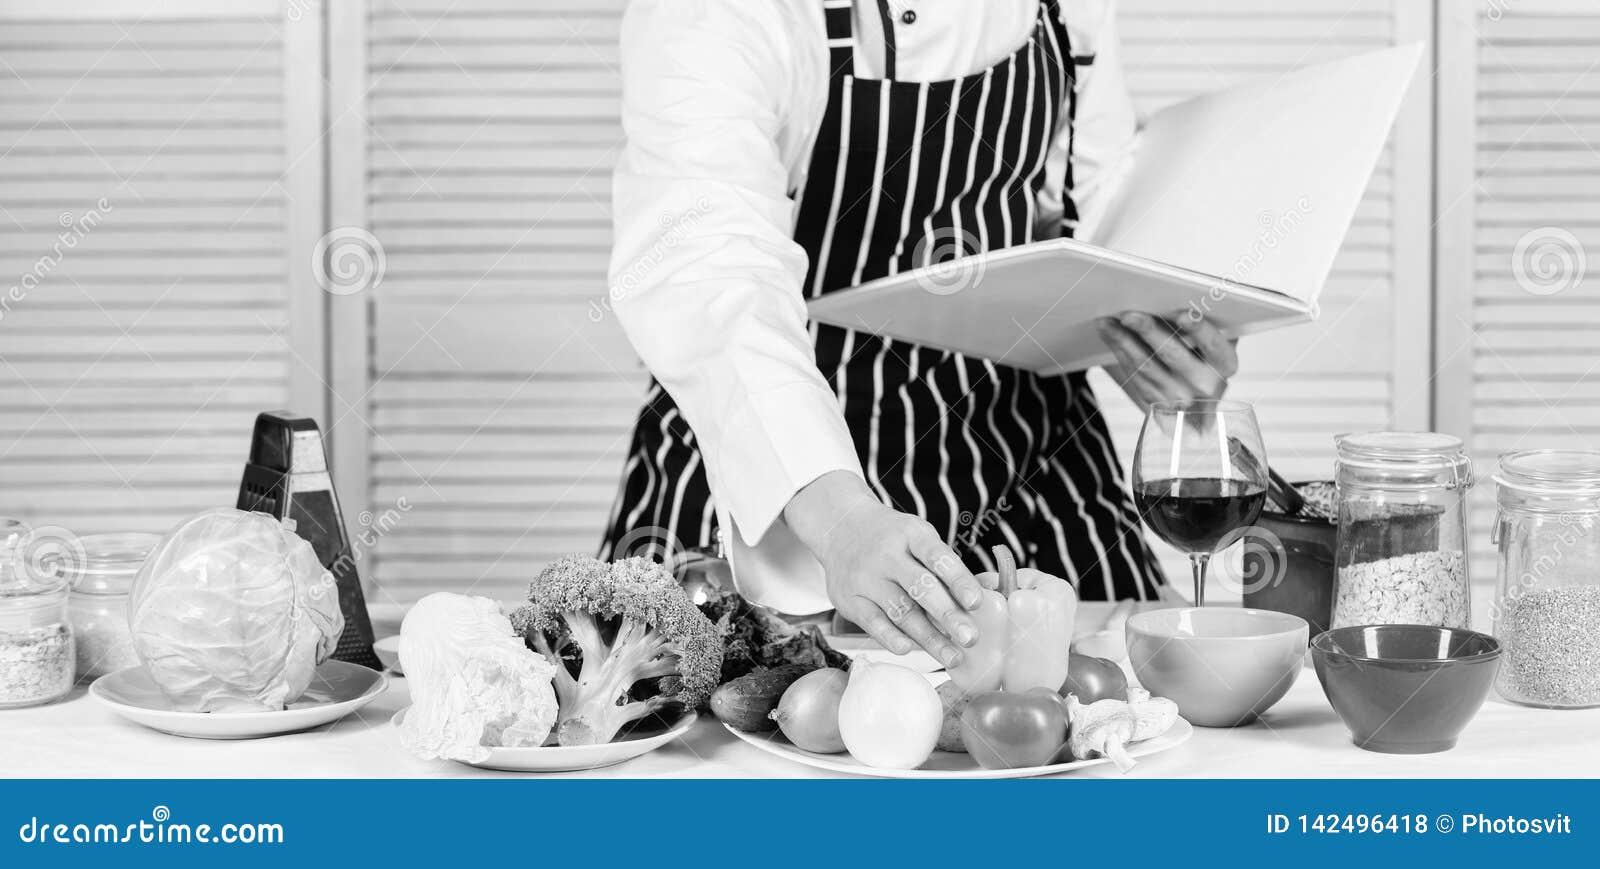 Begrepp för kulinariska konster Förbättra att laga mat expertis Ultimat laga mat handbok för nybörjare Bokfamiljrecept Enligt